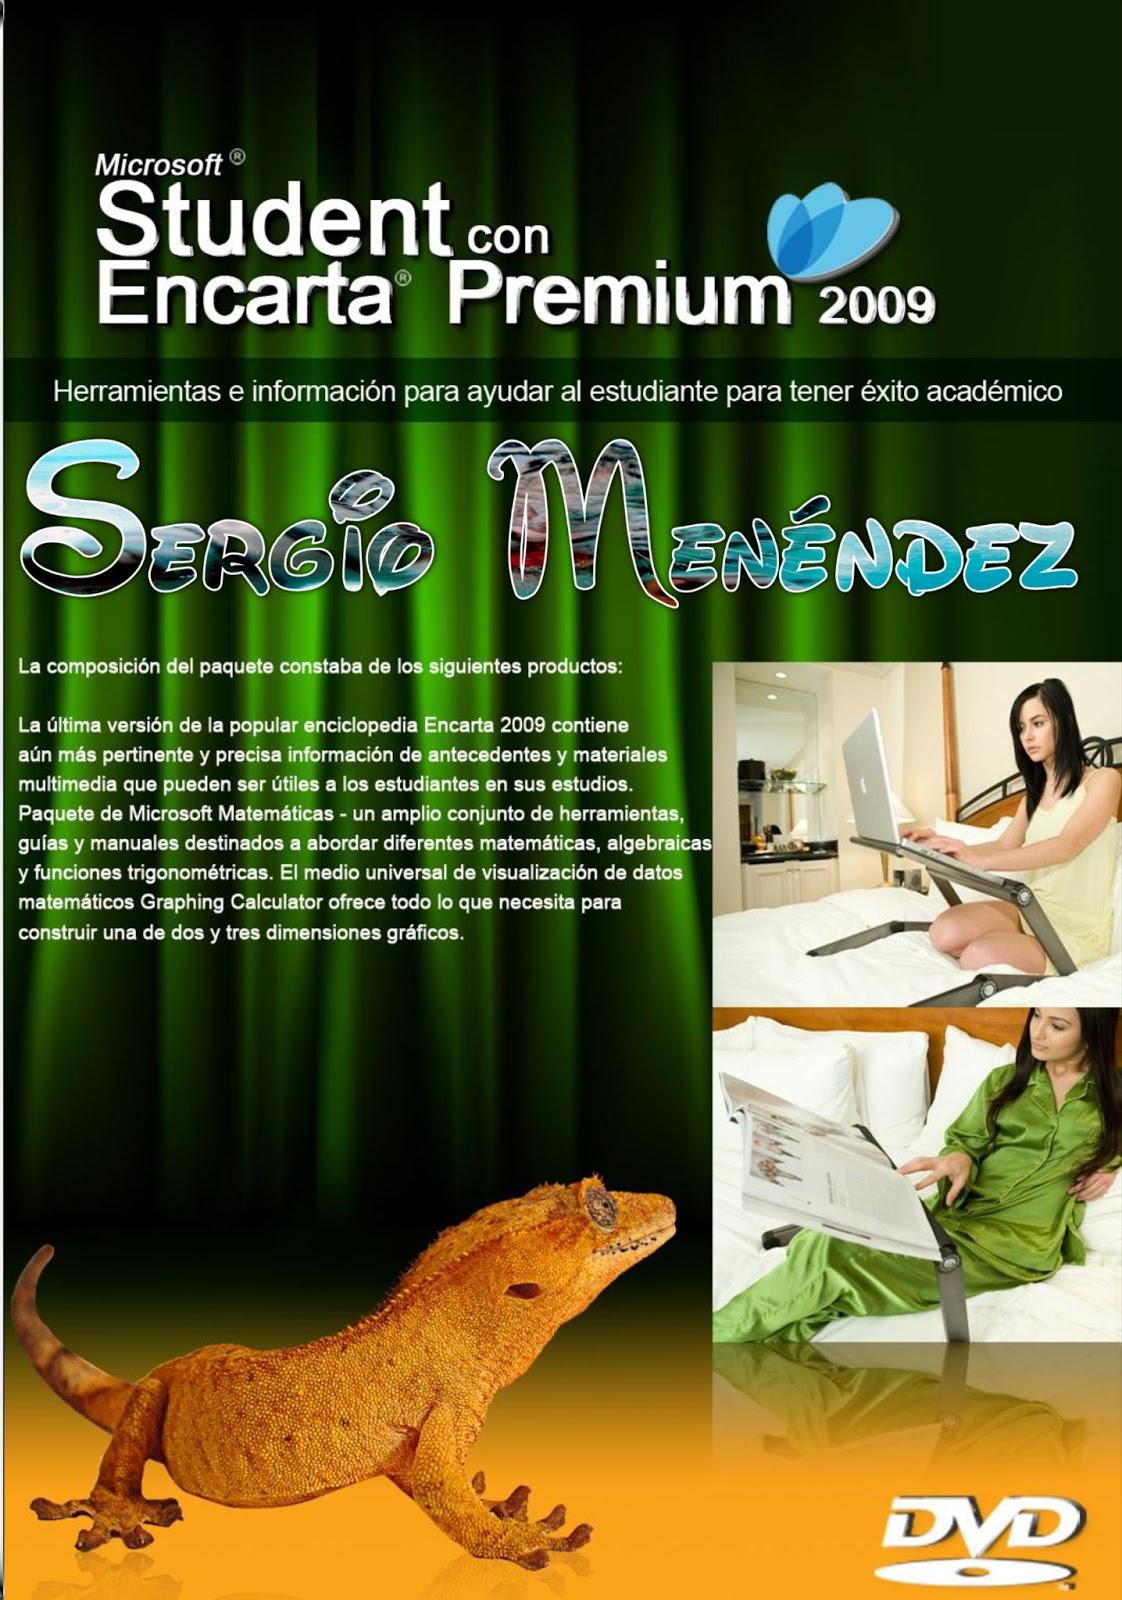 Enciclopedia Encarta 2009 Descargar Gratis En Espaol Download